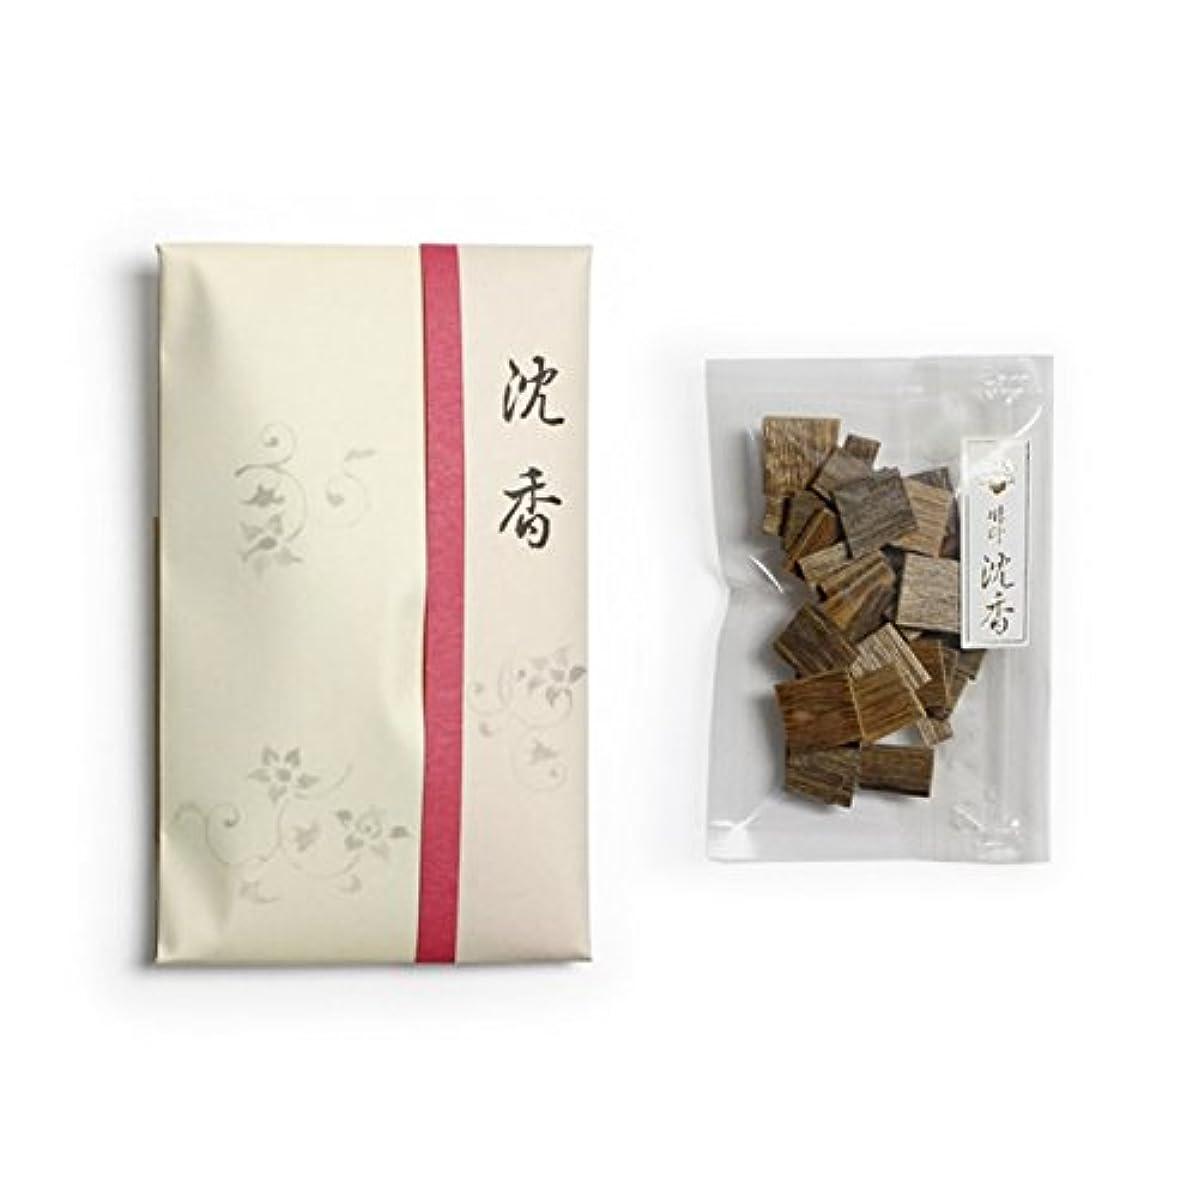 食べるファセット有罪香木 竹印 沈香 割(わり) 5g詰 松栄堂